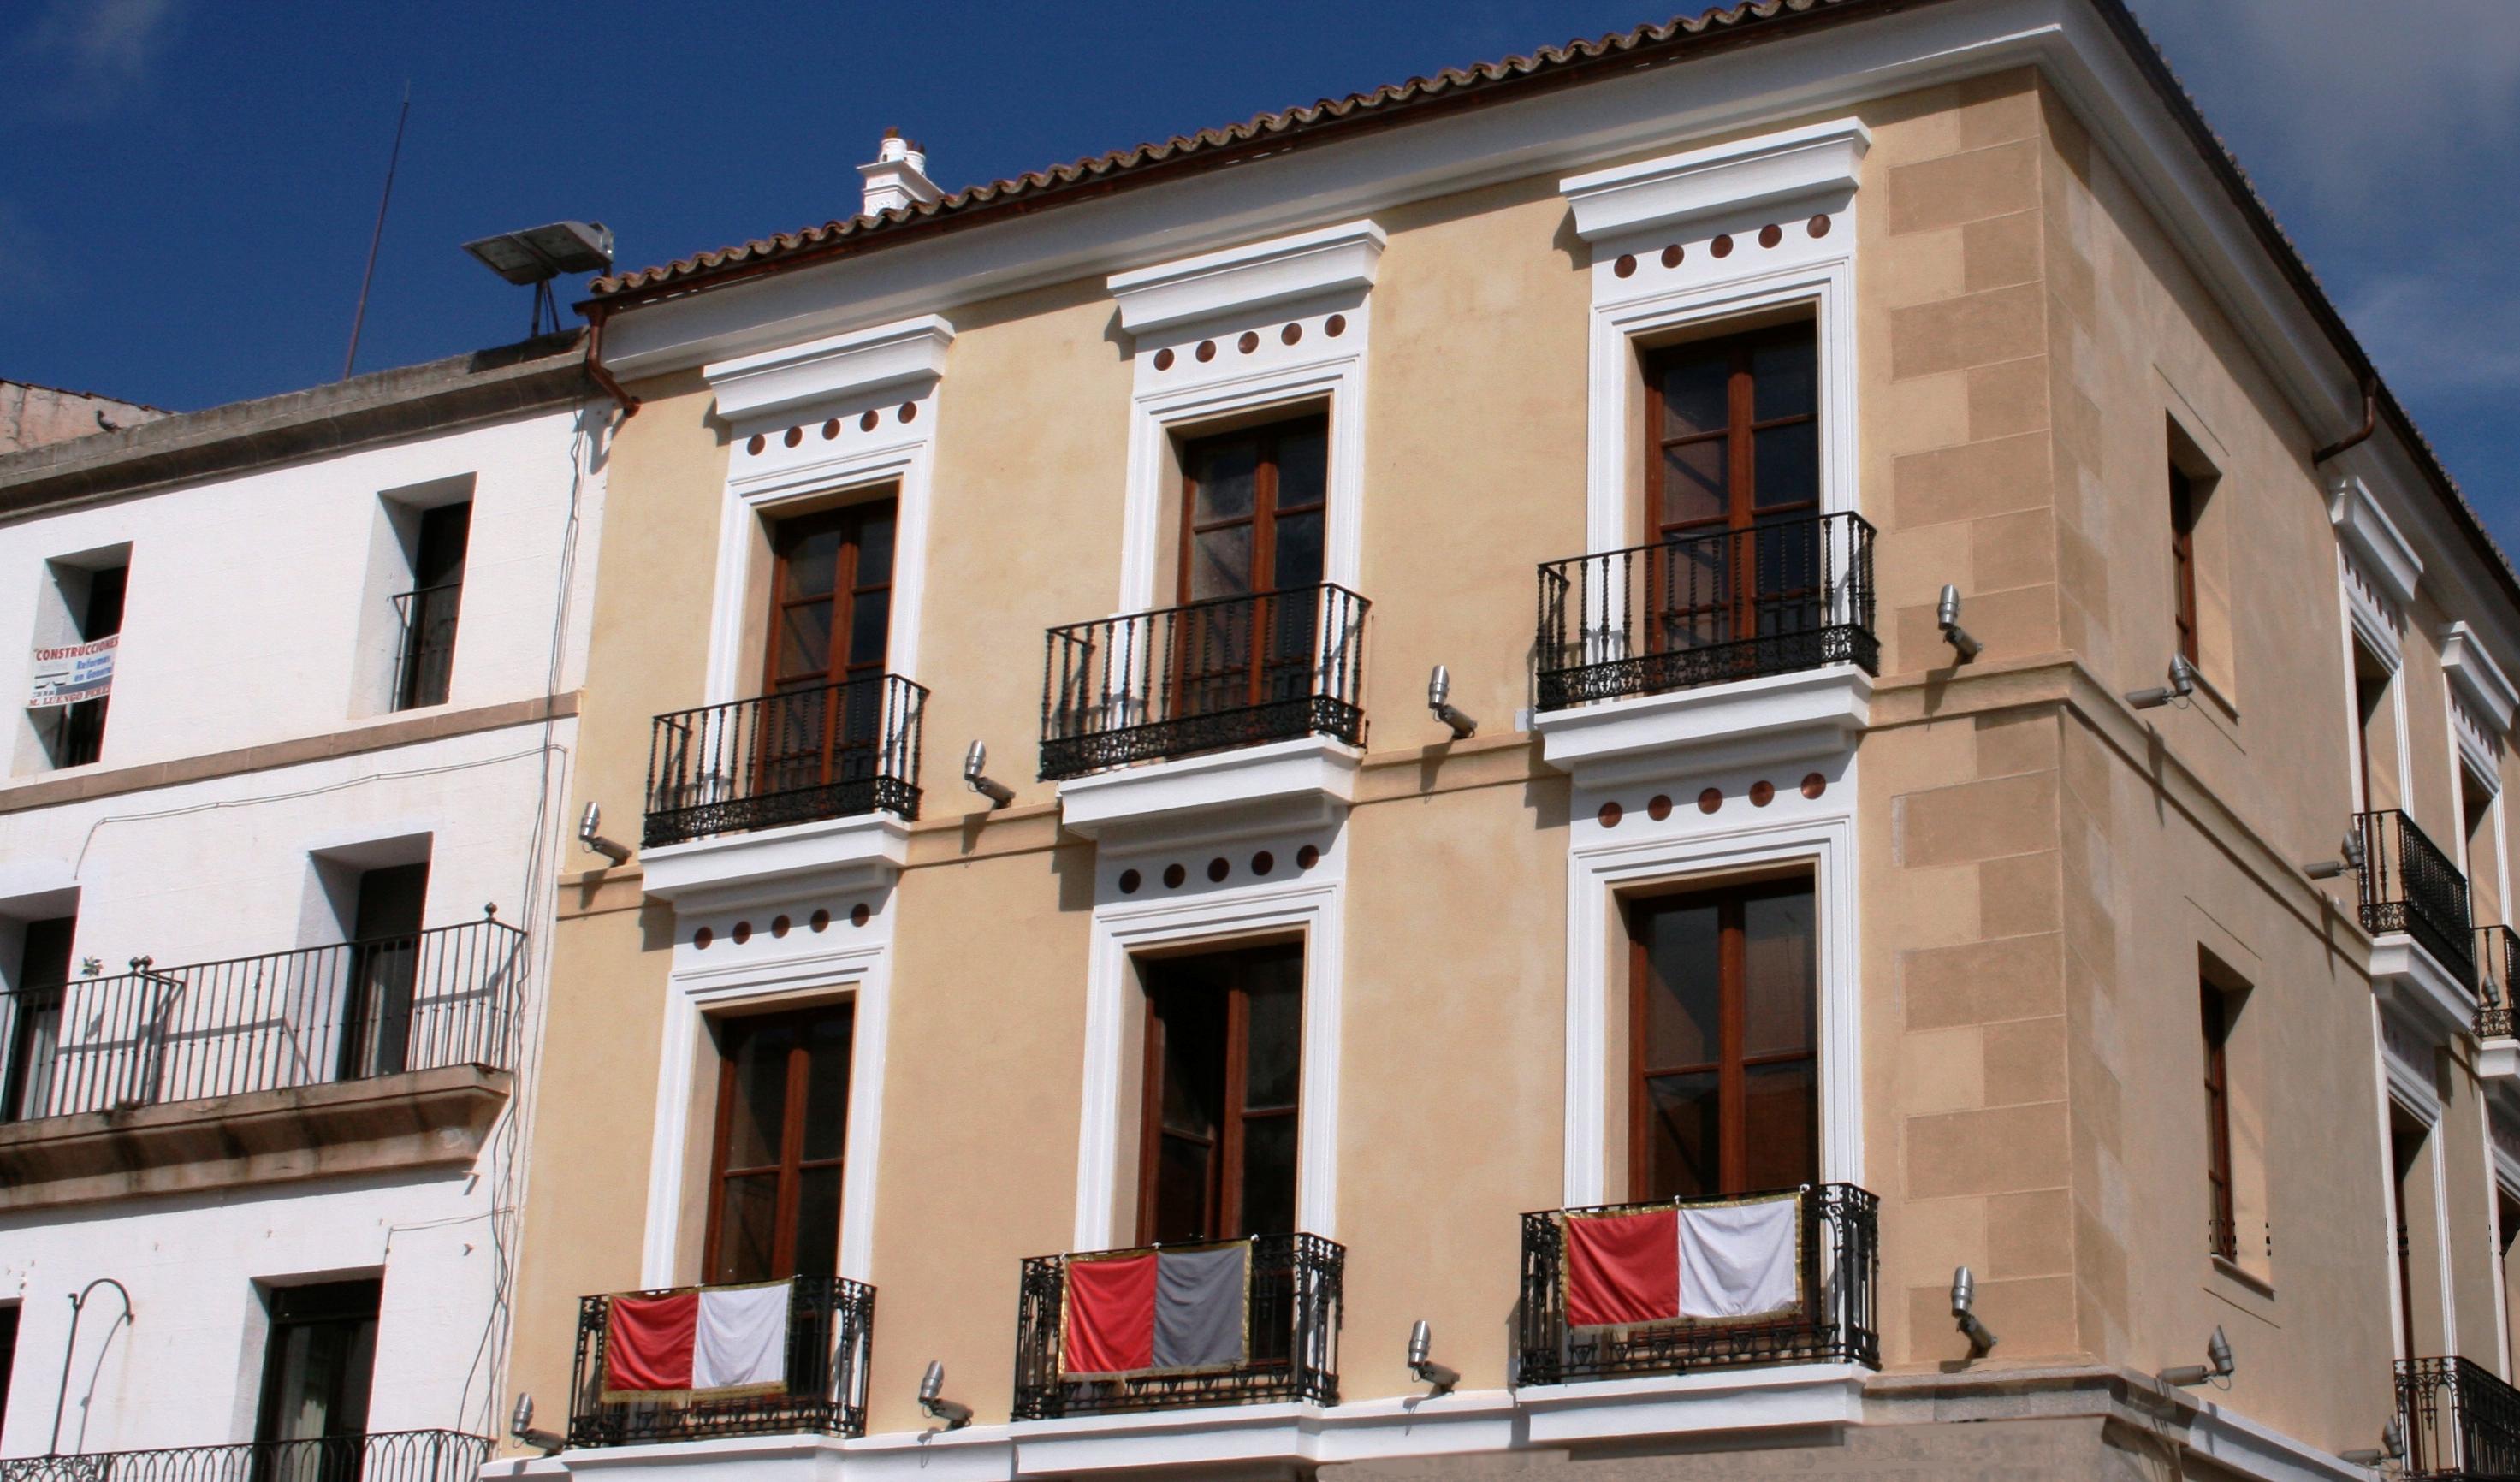 Casa don fernando ayuntamiento de c ceres for Casa fernando ciudad jardin